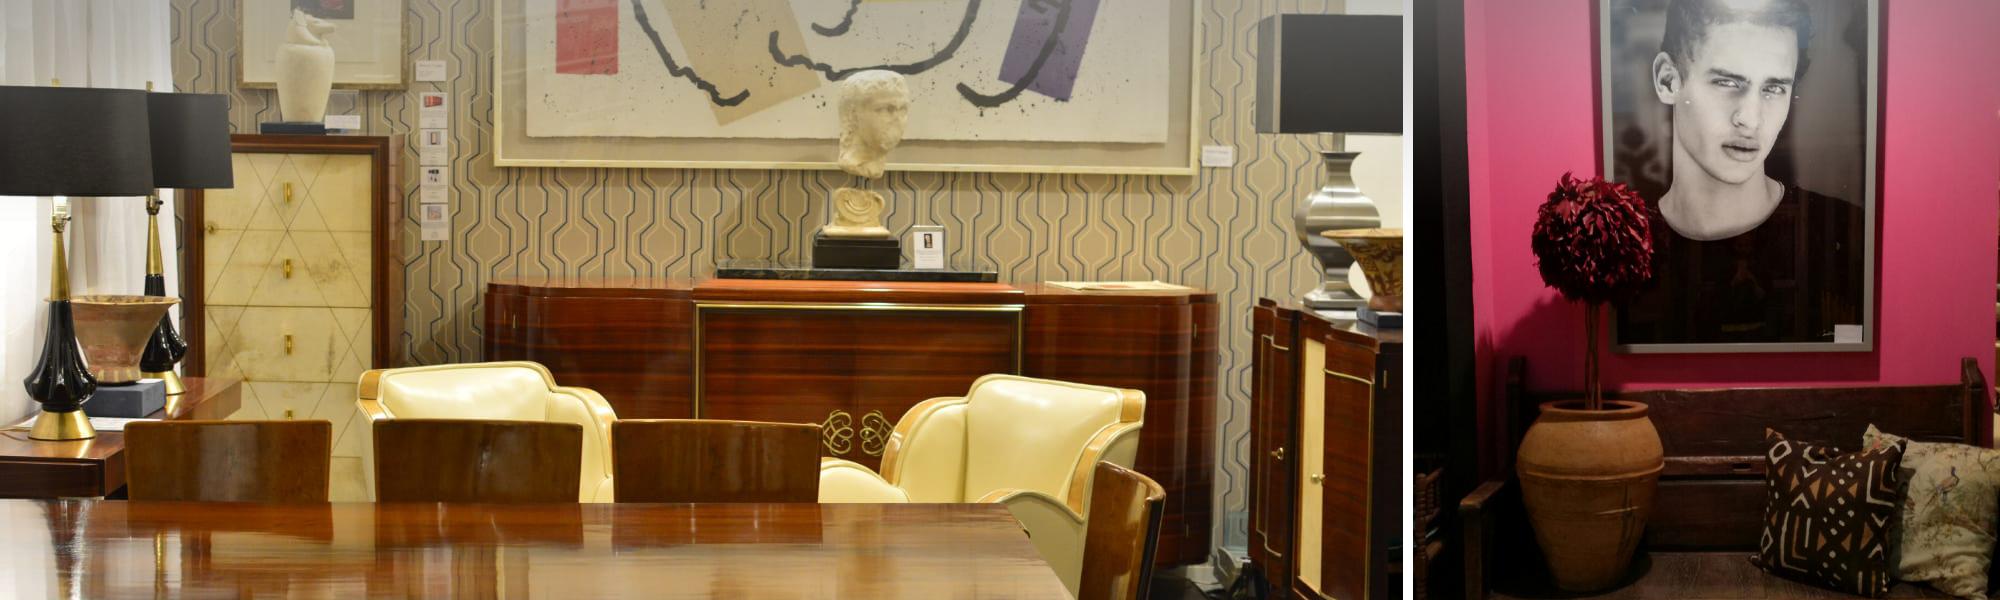 Anticuarios mobiliario francés